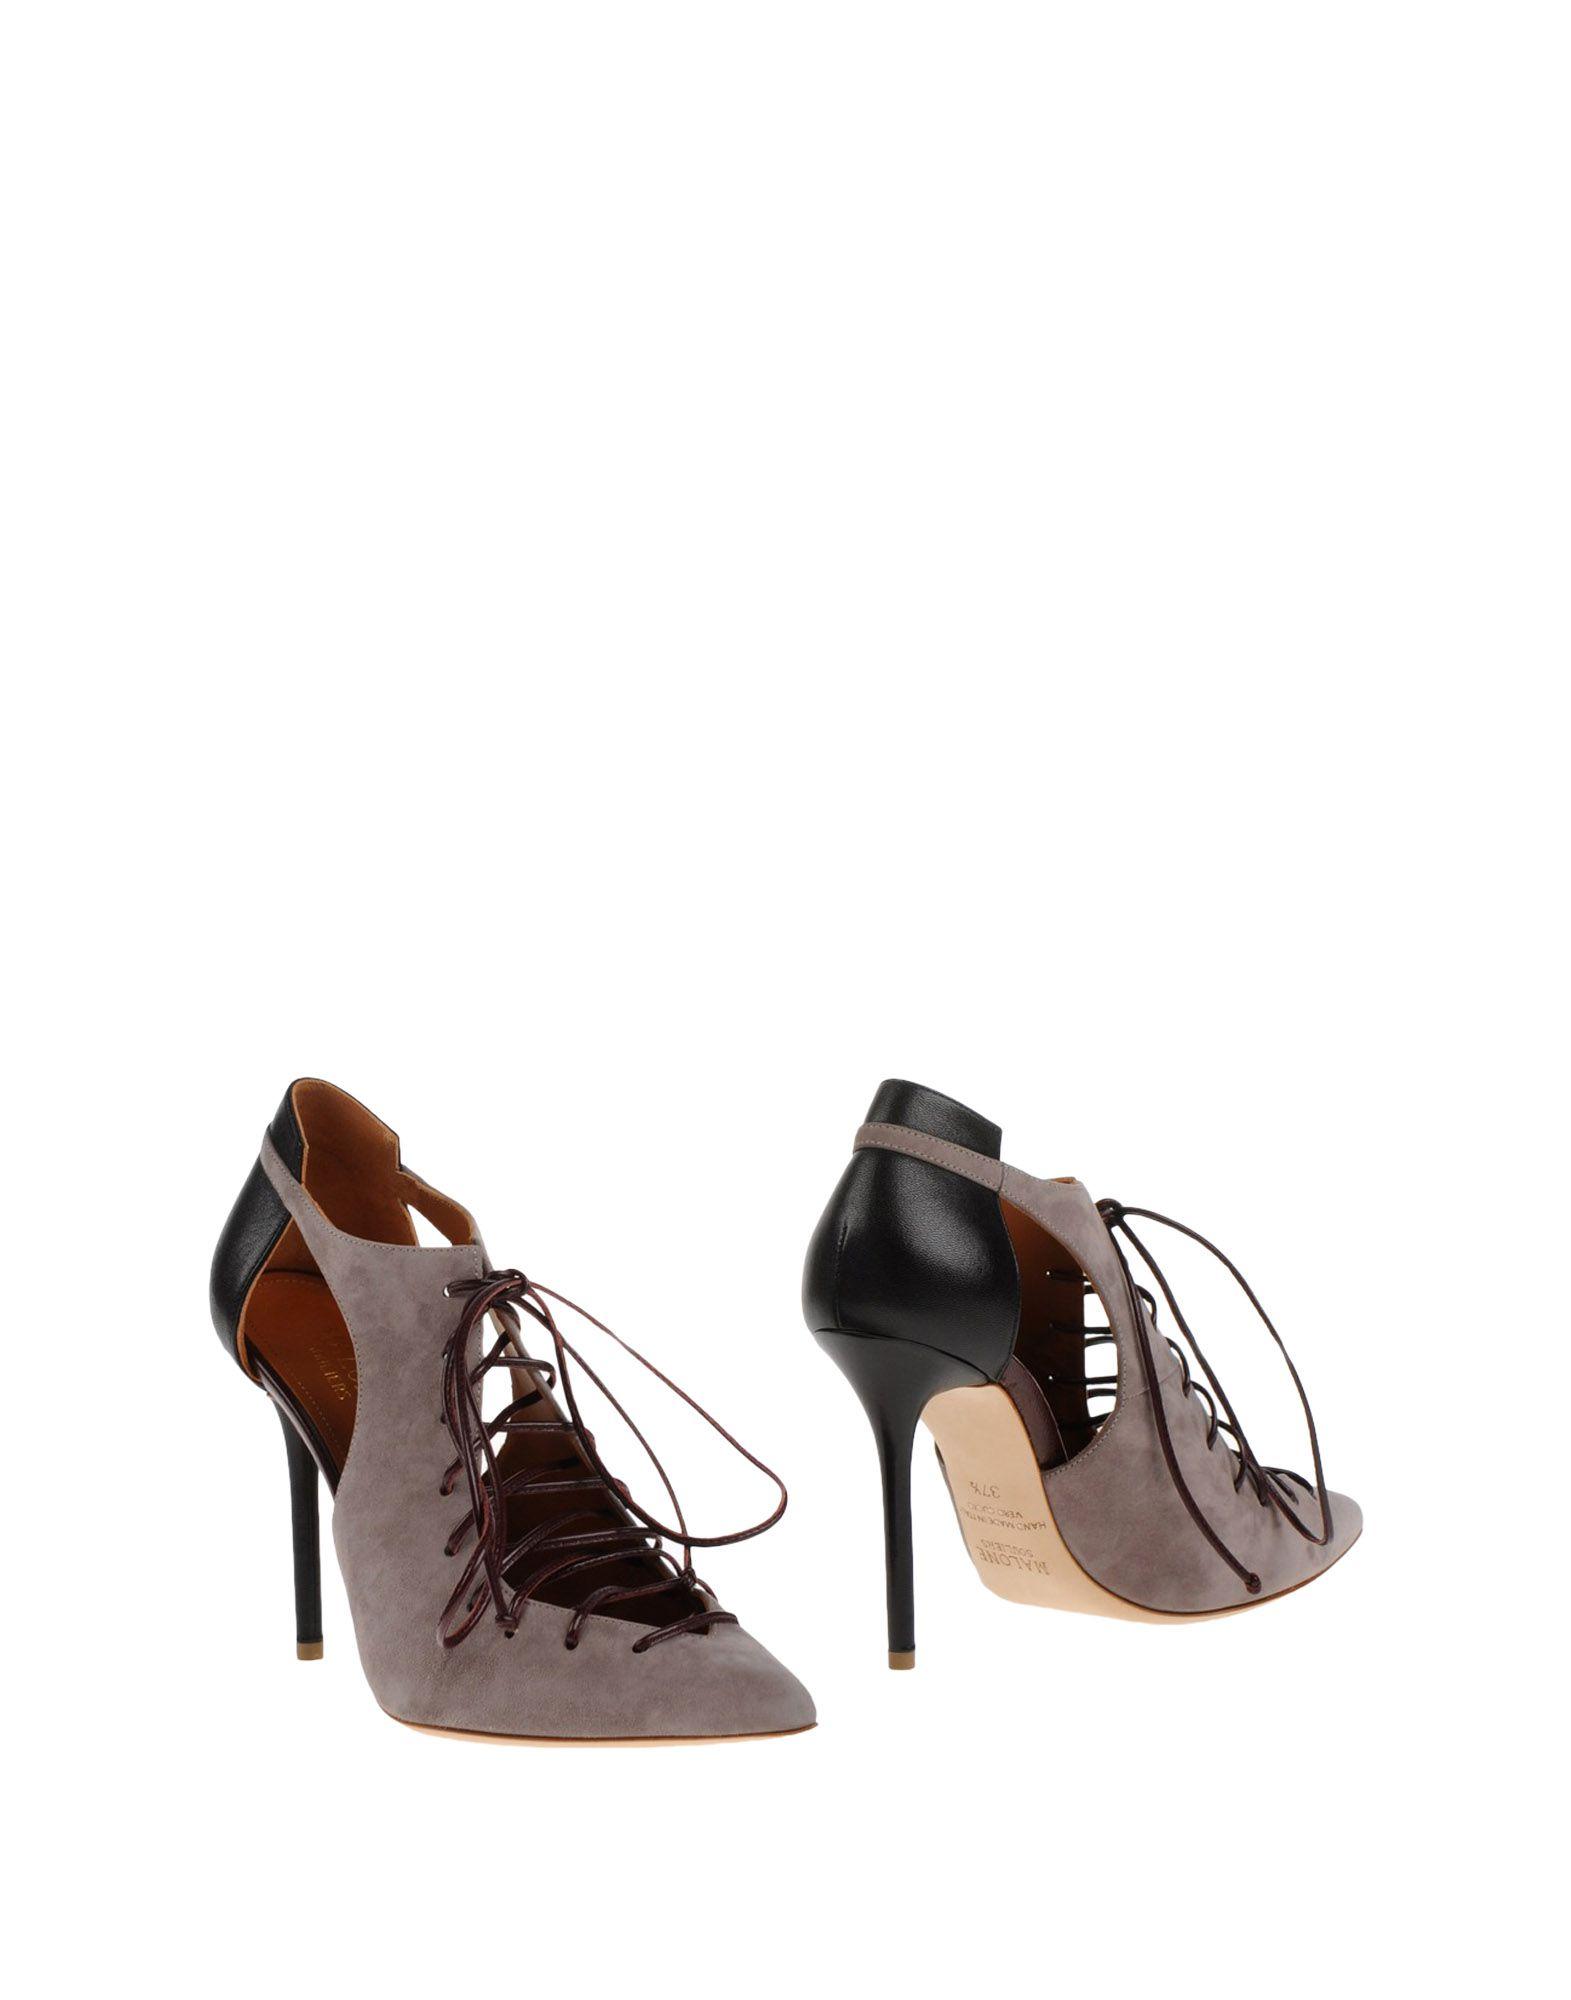 Rabatt Schuhe Malone Souliers  Stiefelette Damen  Souliers 11243531PP 6a9d76